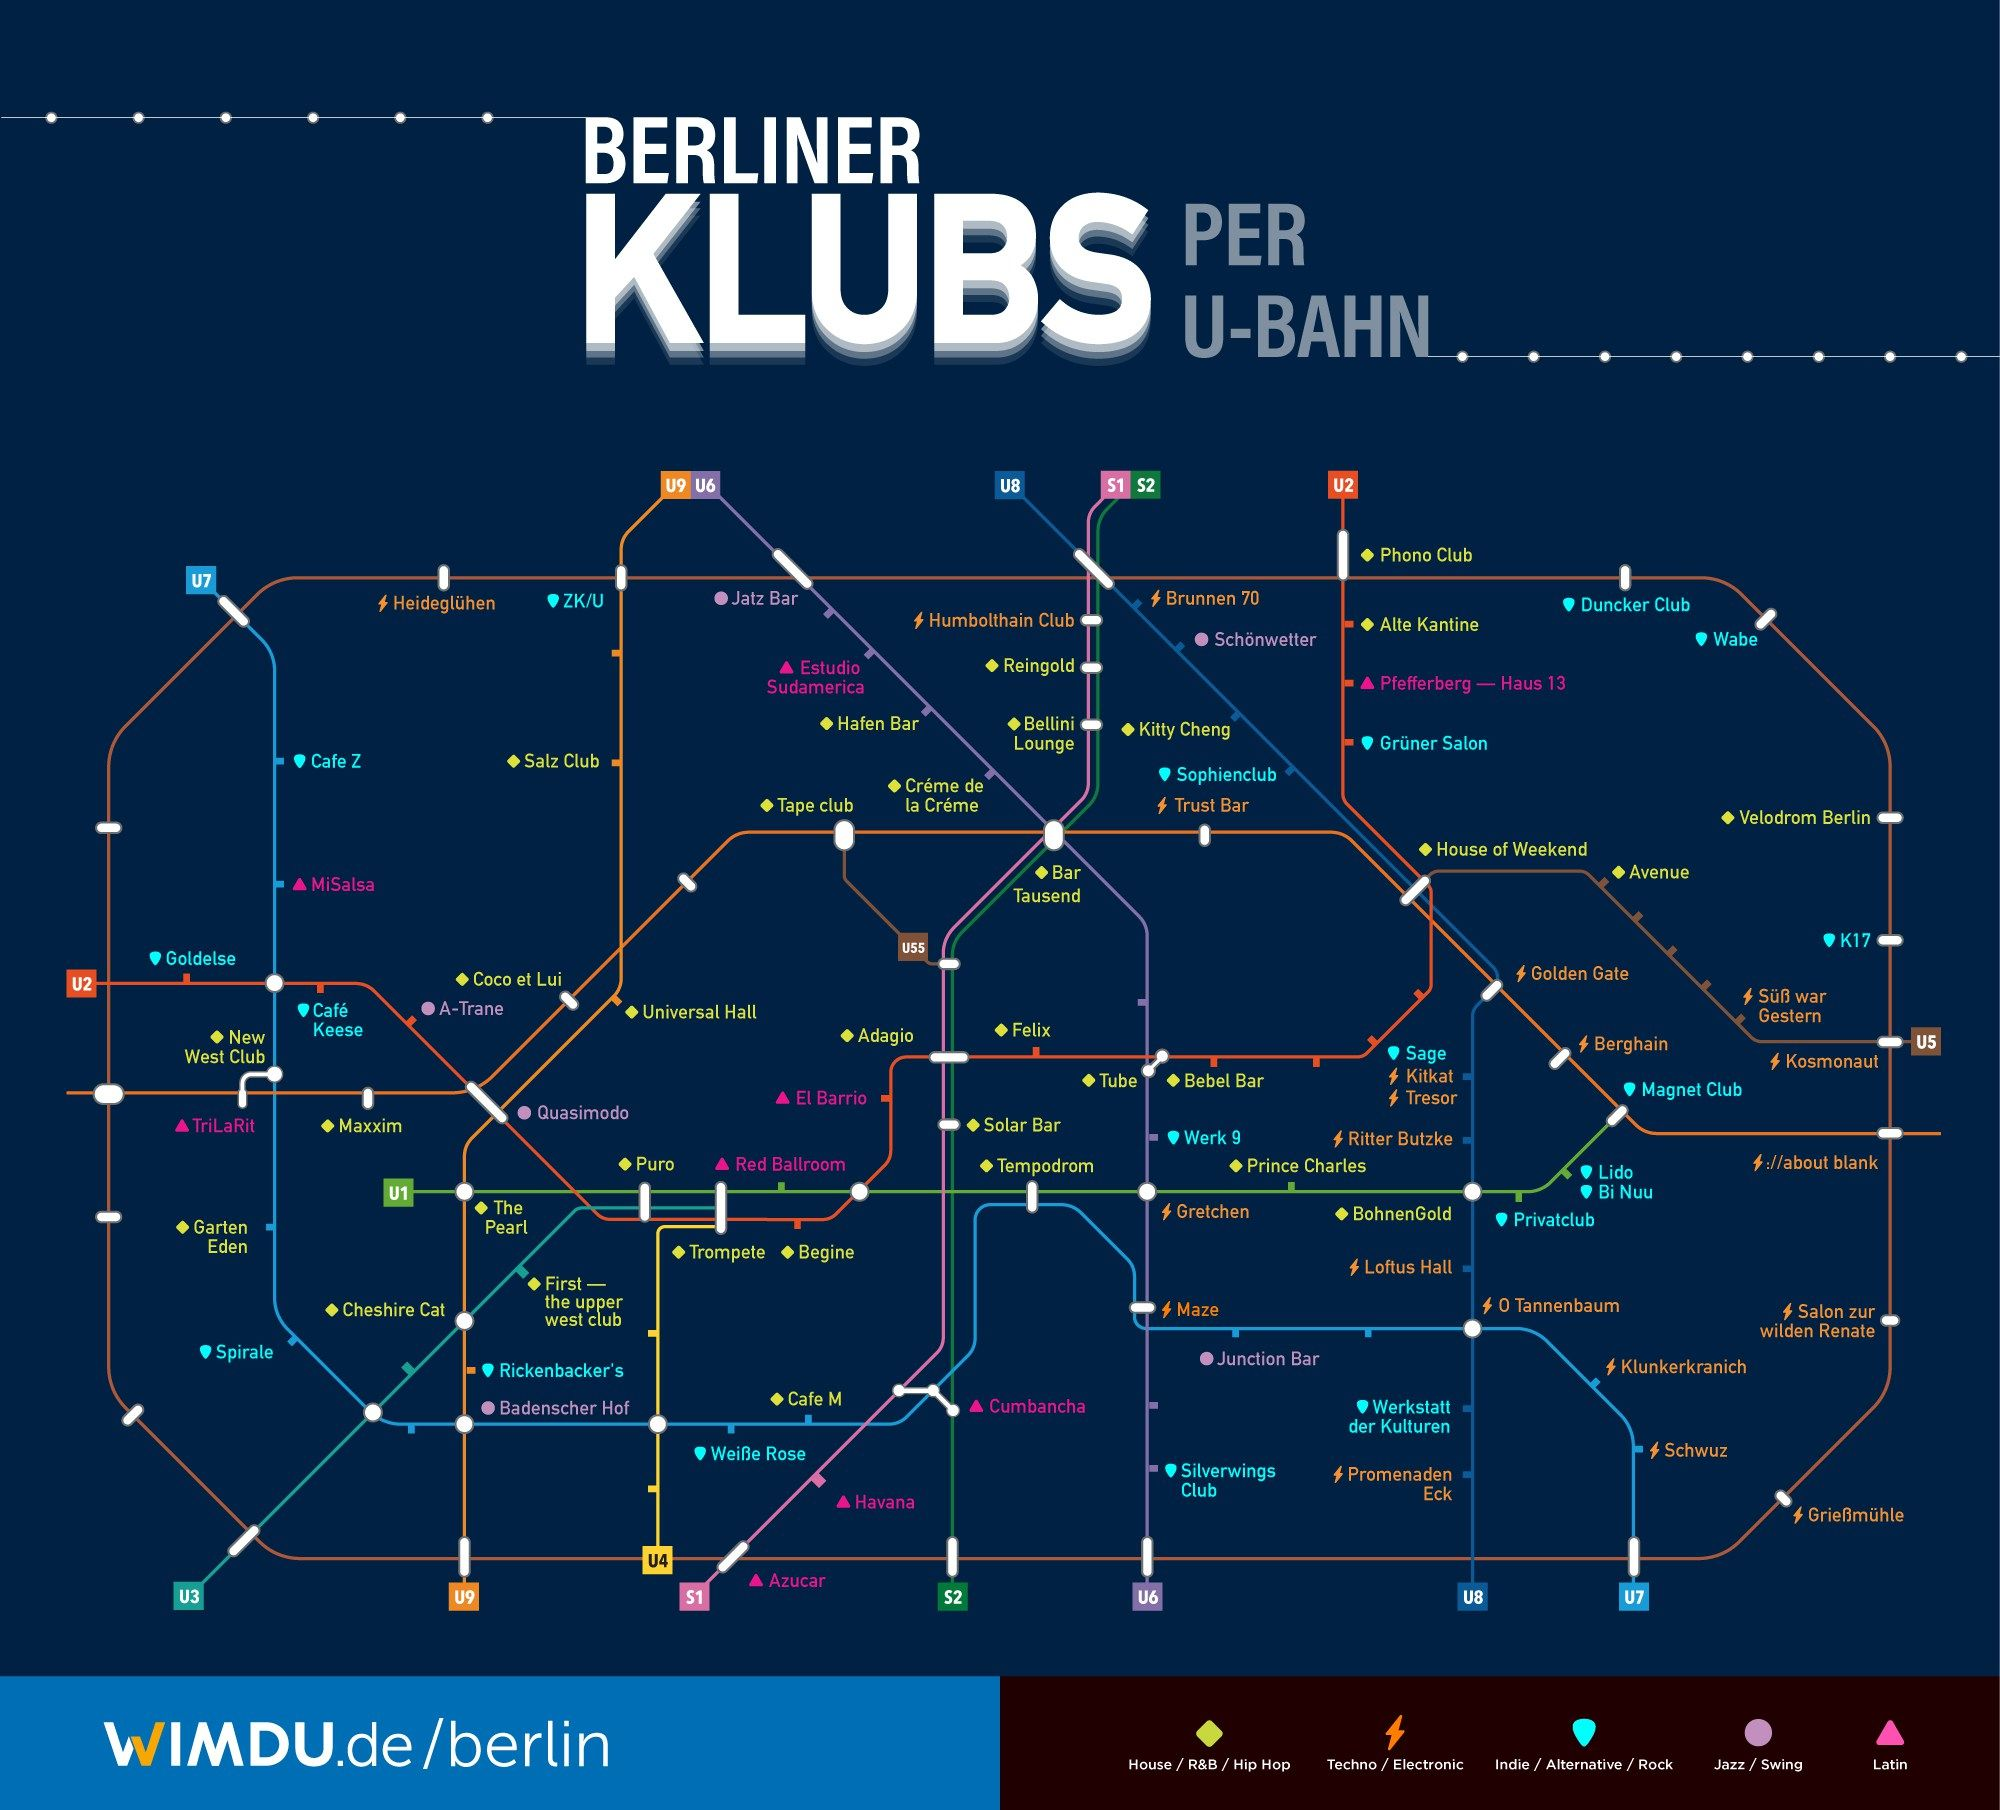 A Map Of Berlin Clubs By Train Stop U Bahn Fernsehturm Berlin Berlin